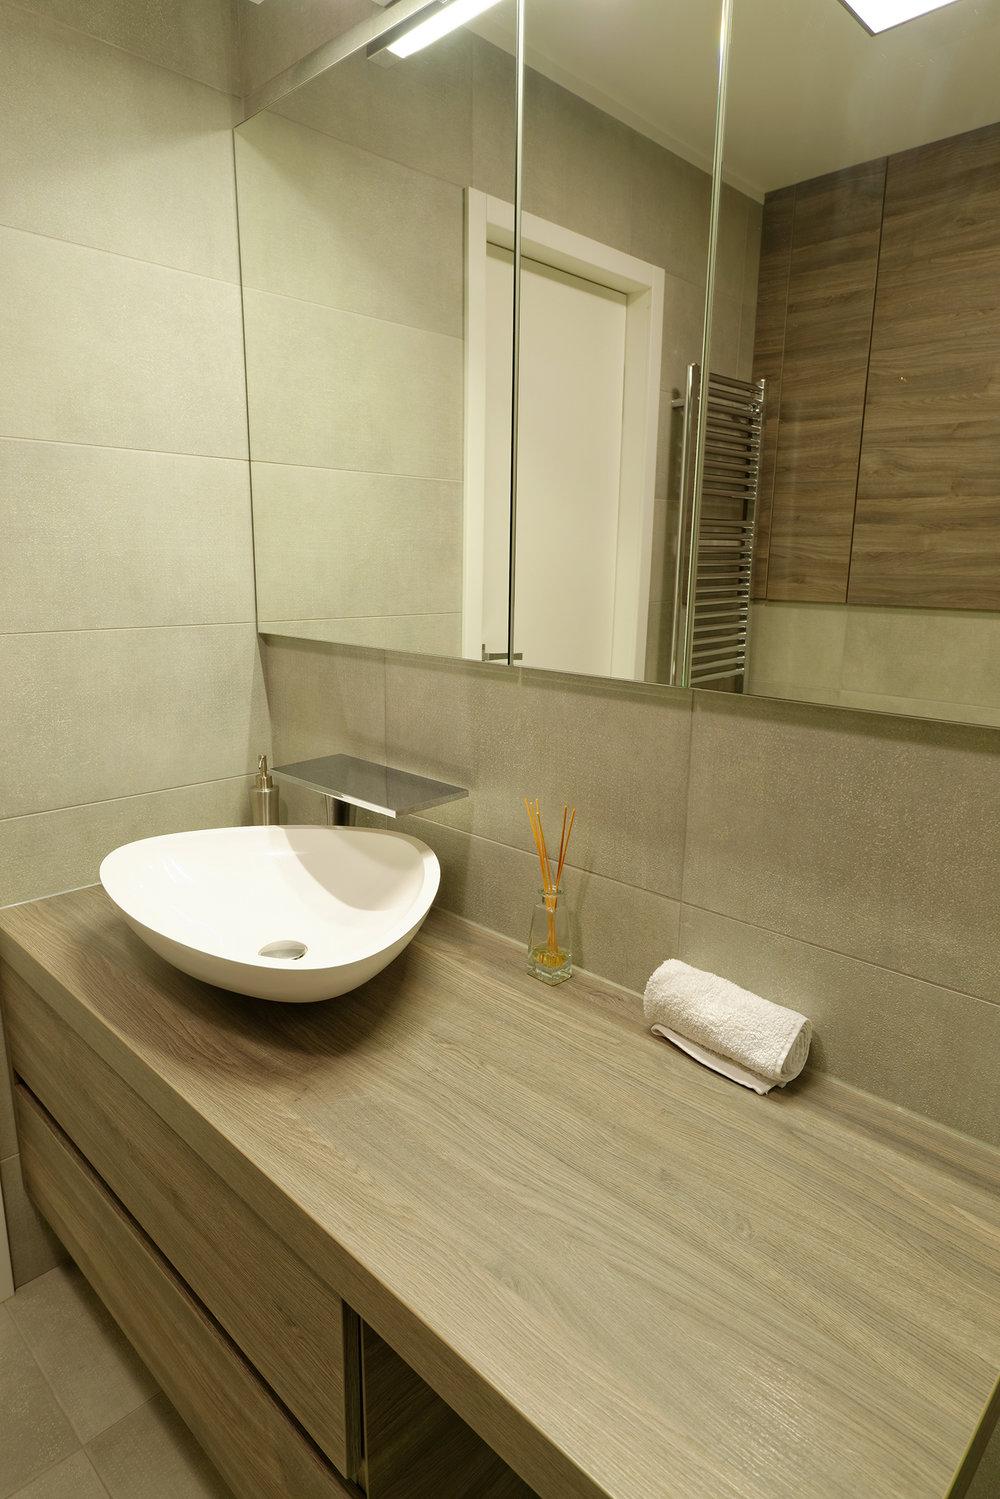 interior-Tina Rugelj_AP S_kopalnica-bathroom_umivalnik-basin_07